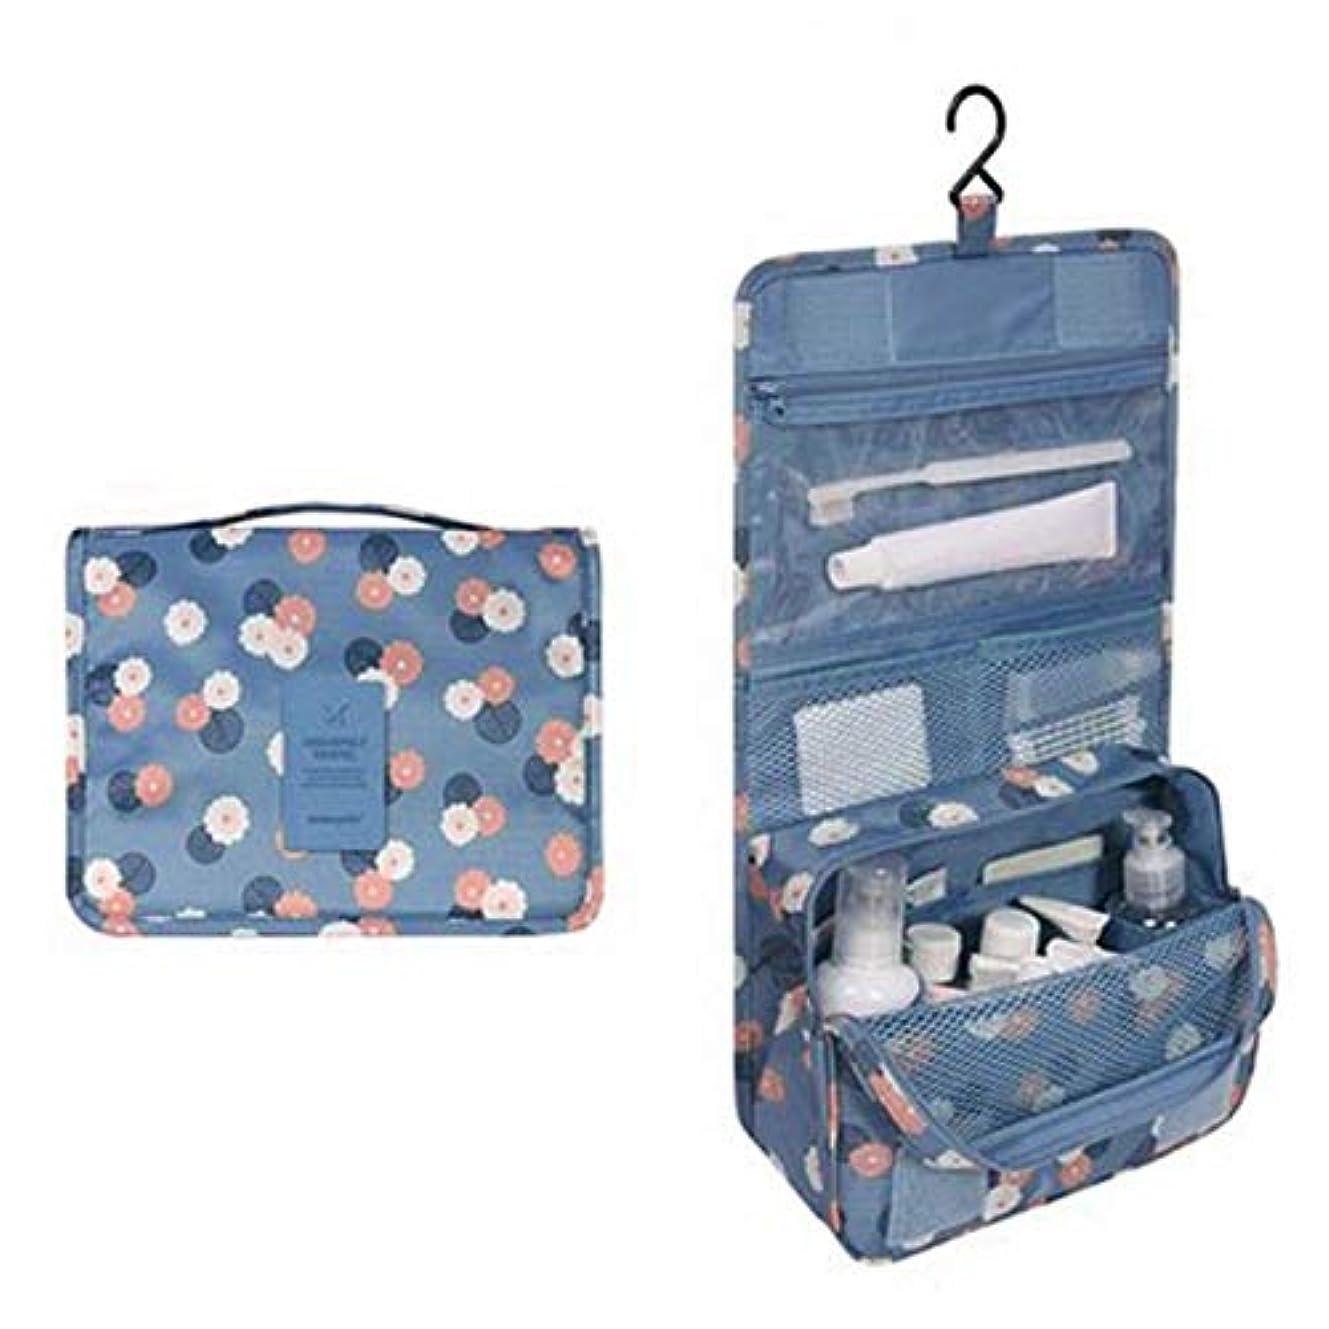 支援精度医学Wadachikis 例外的な女性ジッパーハンギング防水旅行トイレタリーの洗浄化粧品オーガナイザーバッグバッグ(None Picture Color)